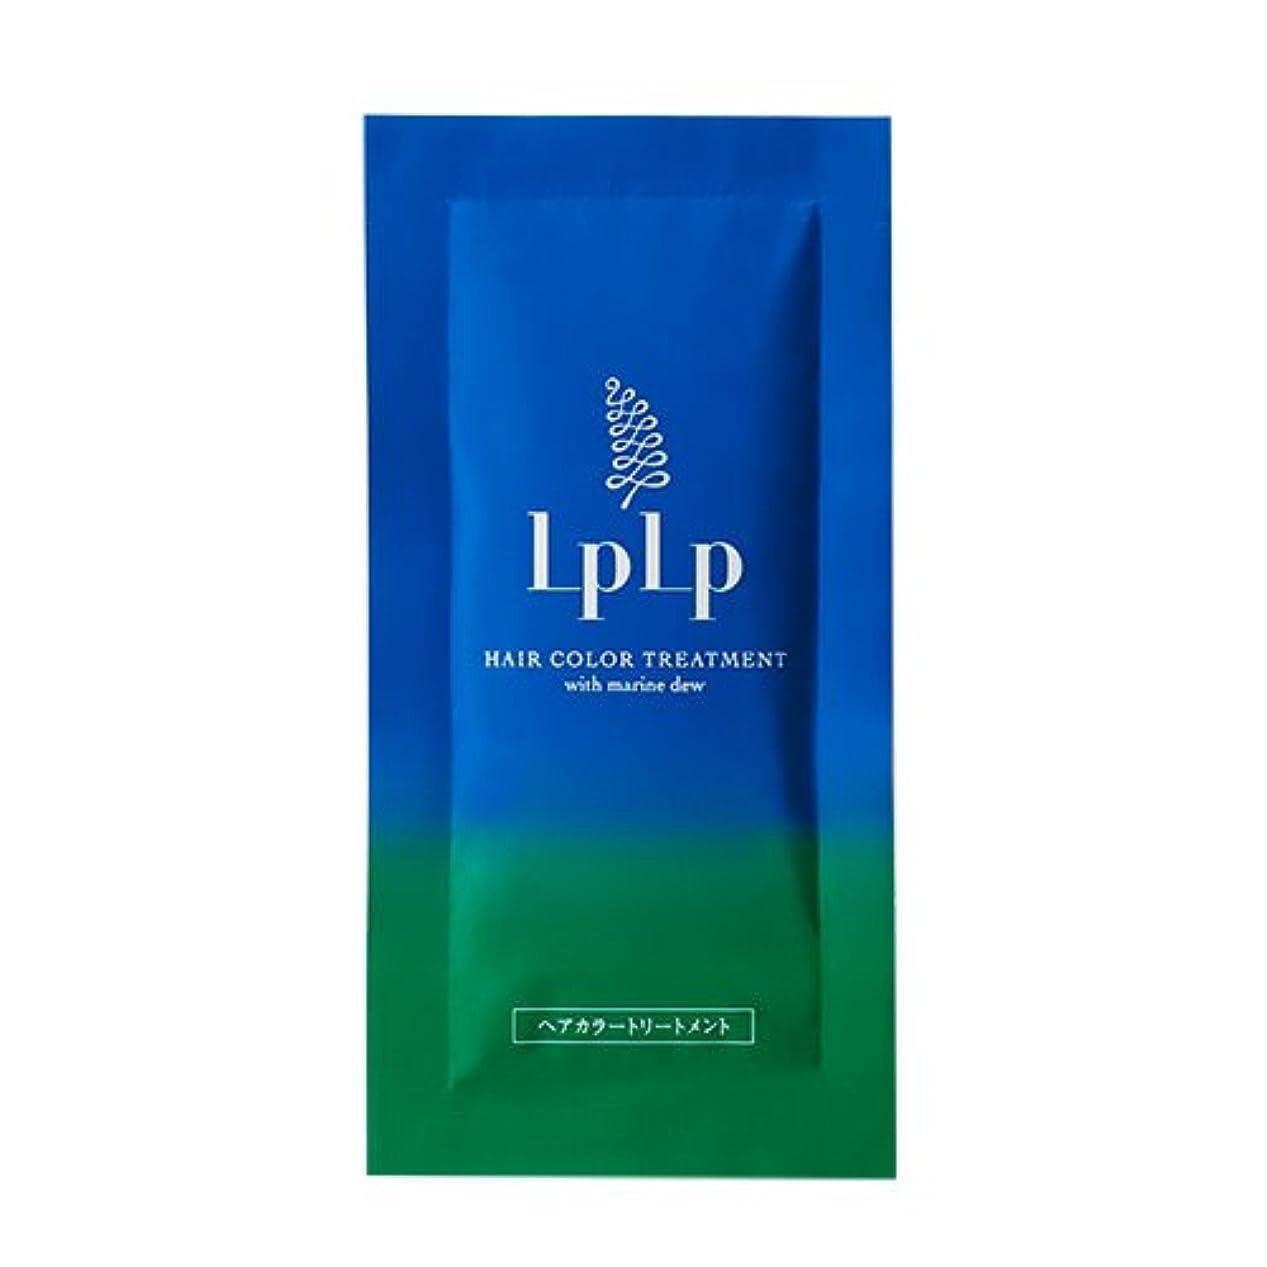 スラッシュコークス生活LPLP(ルプルプ)ヘアカラートリートメントお試しパウチ ダークブラウン